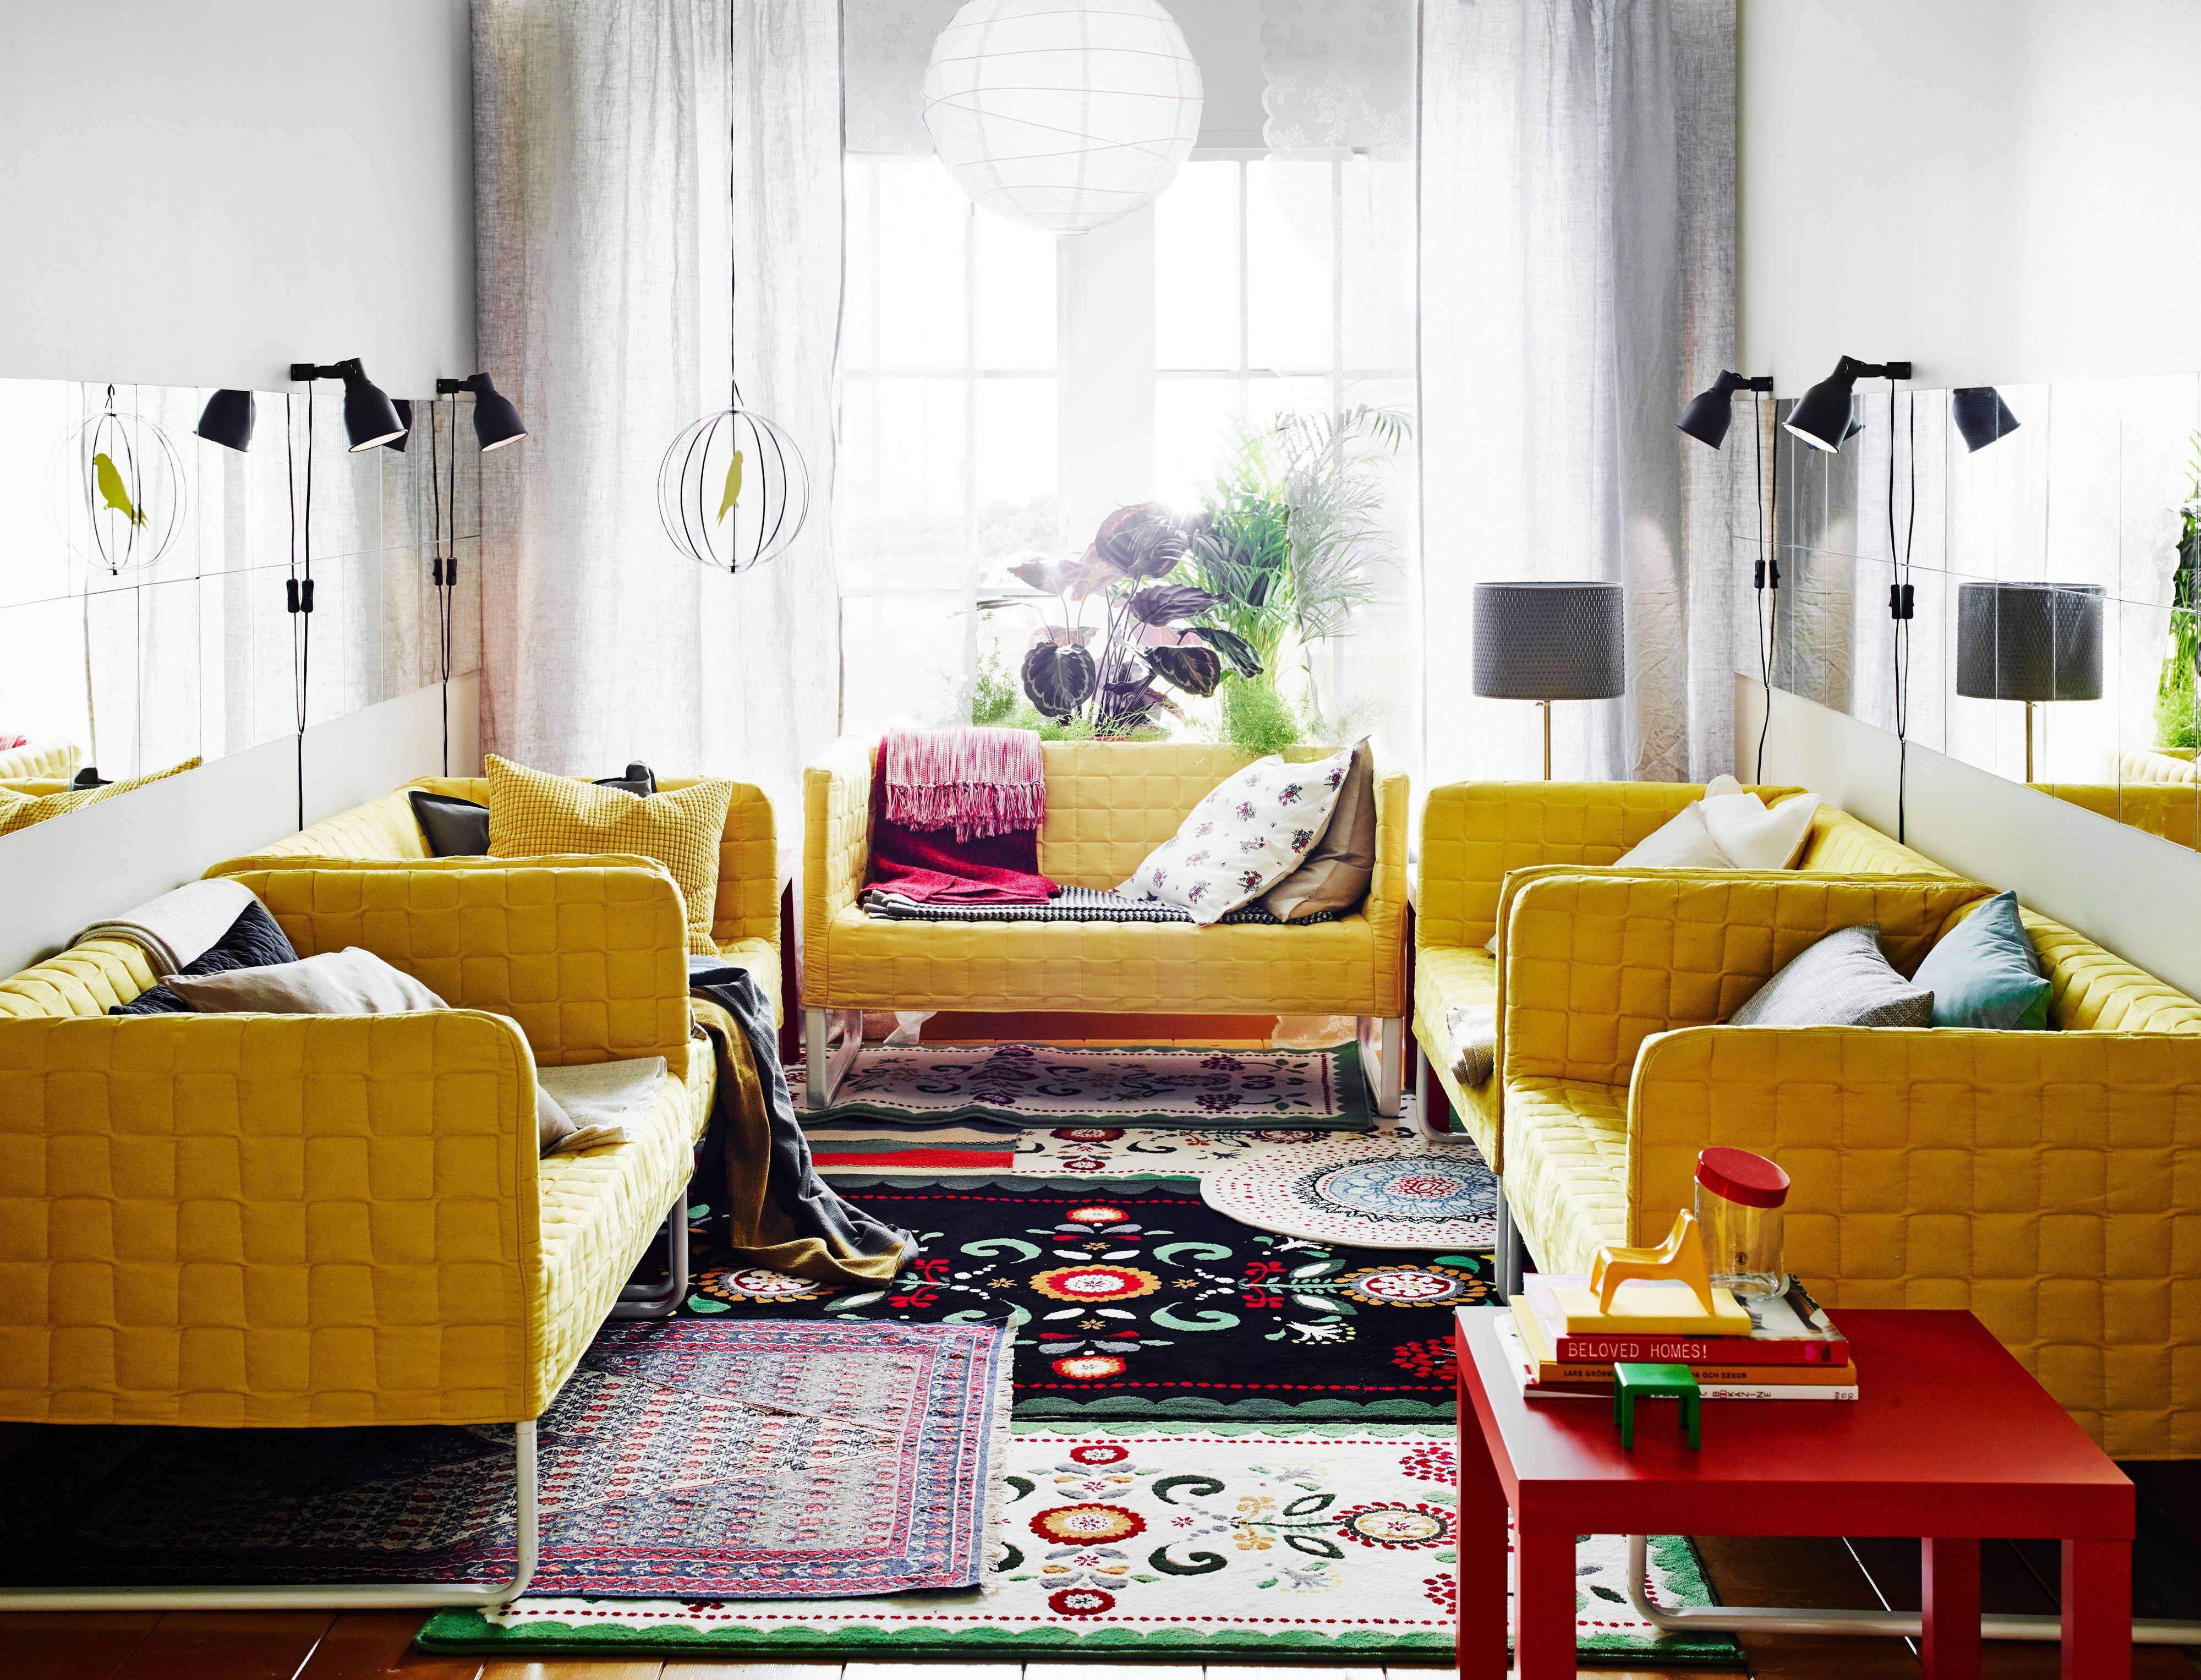 ikea wohnzimmer pinterest : Ikea Wohnzimmer Ph119482 Wohnzimmer Pinterest